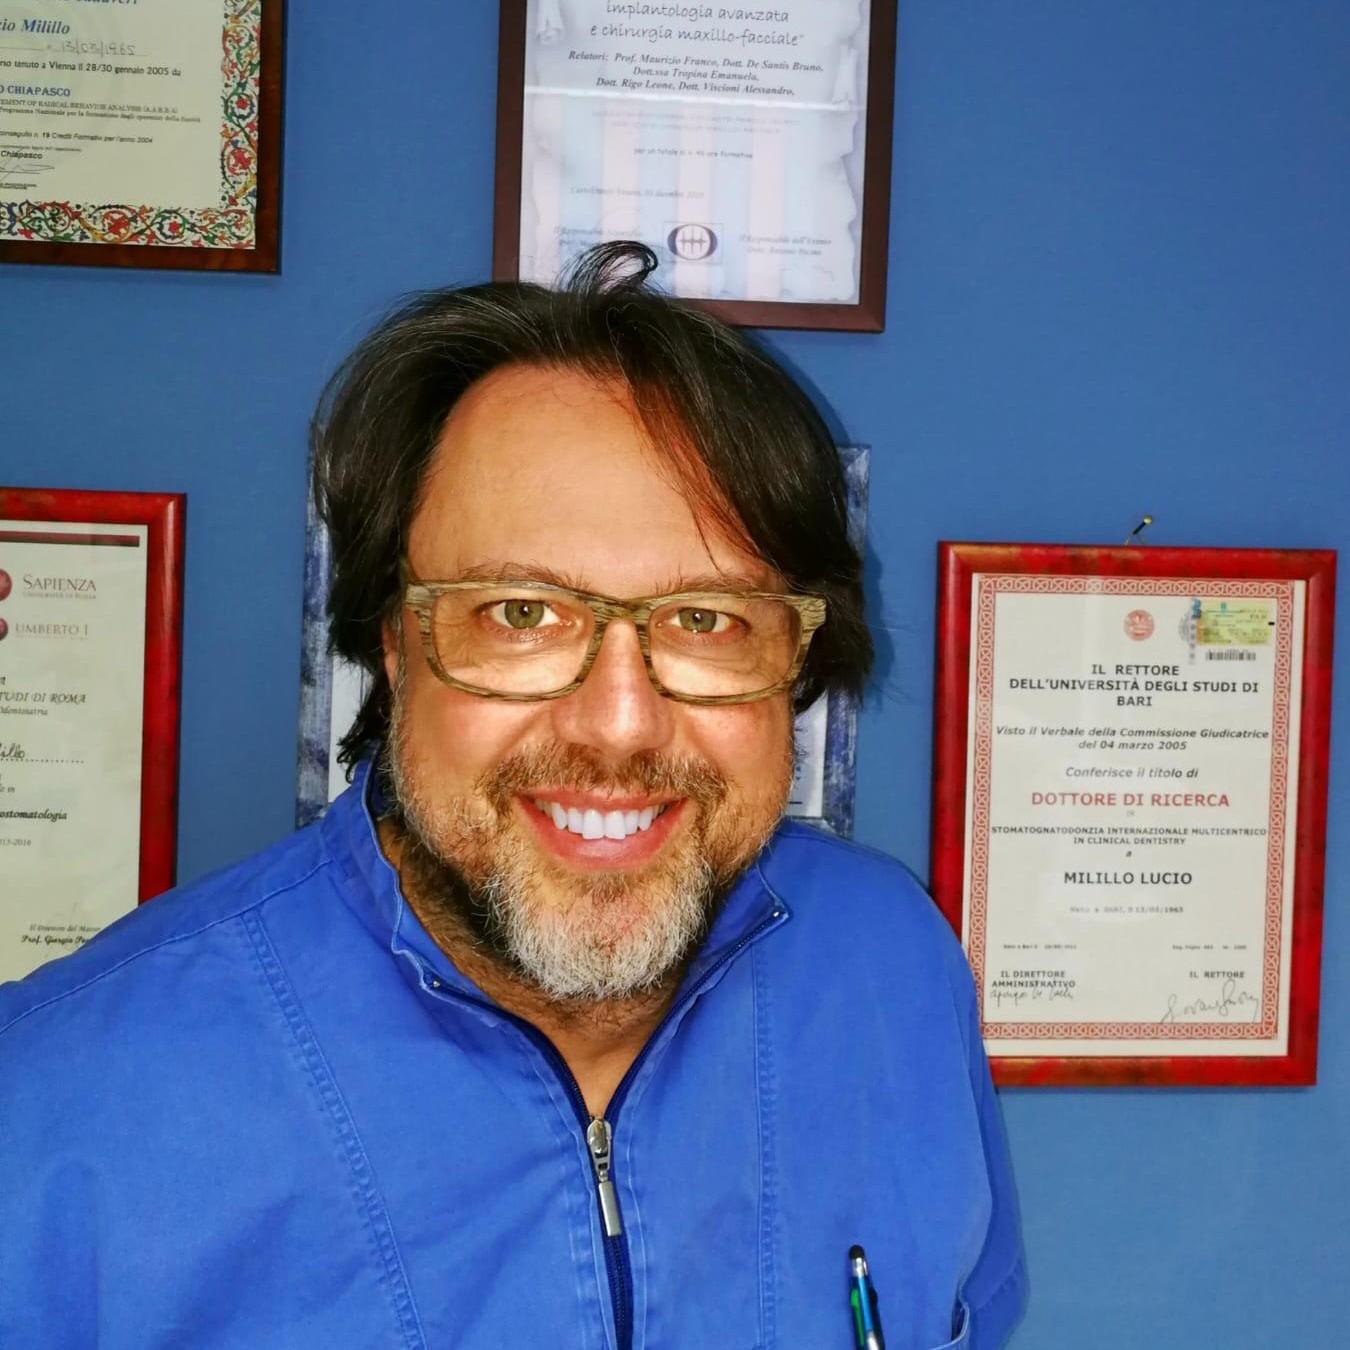 Dr. Lucio Milillo